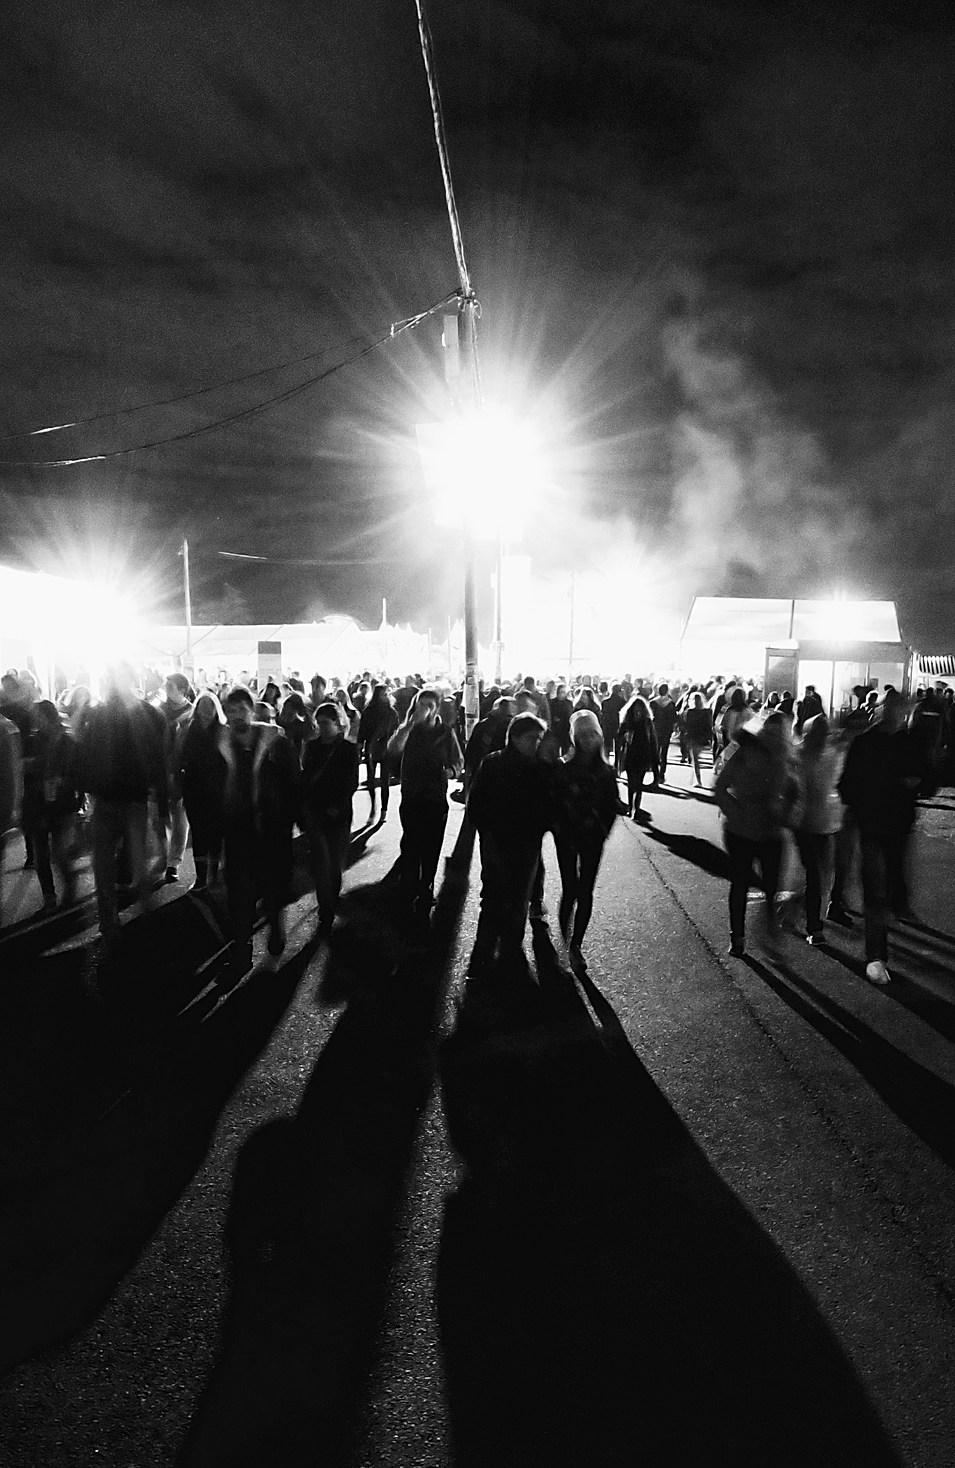 La foule et la fête